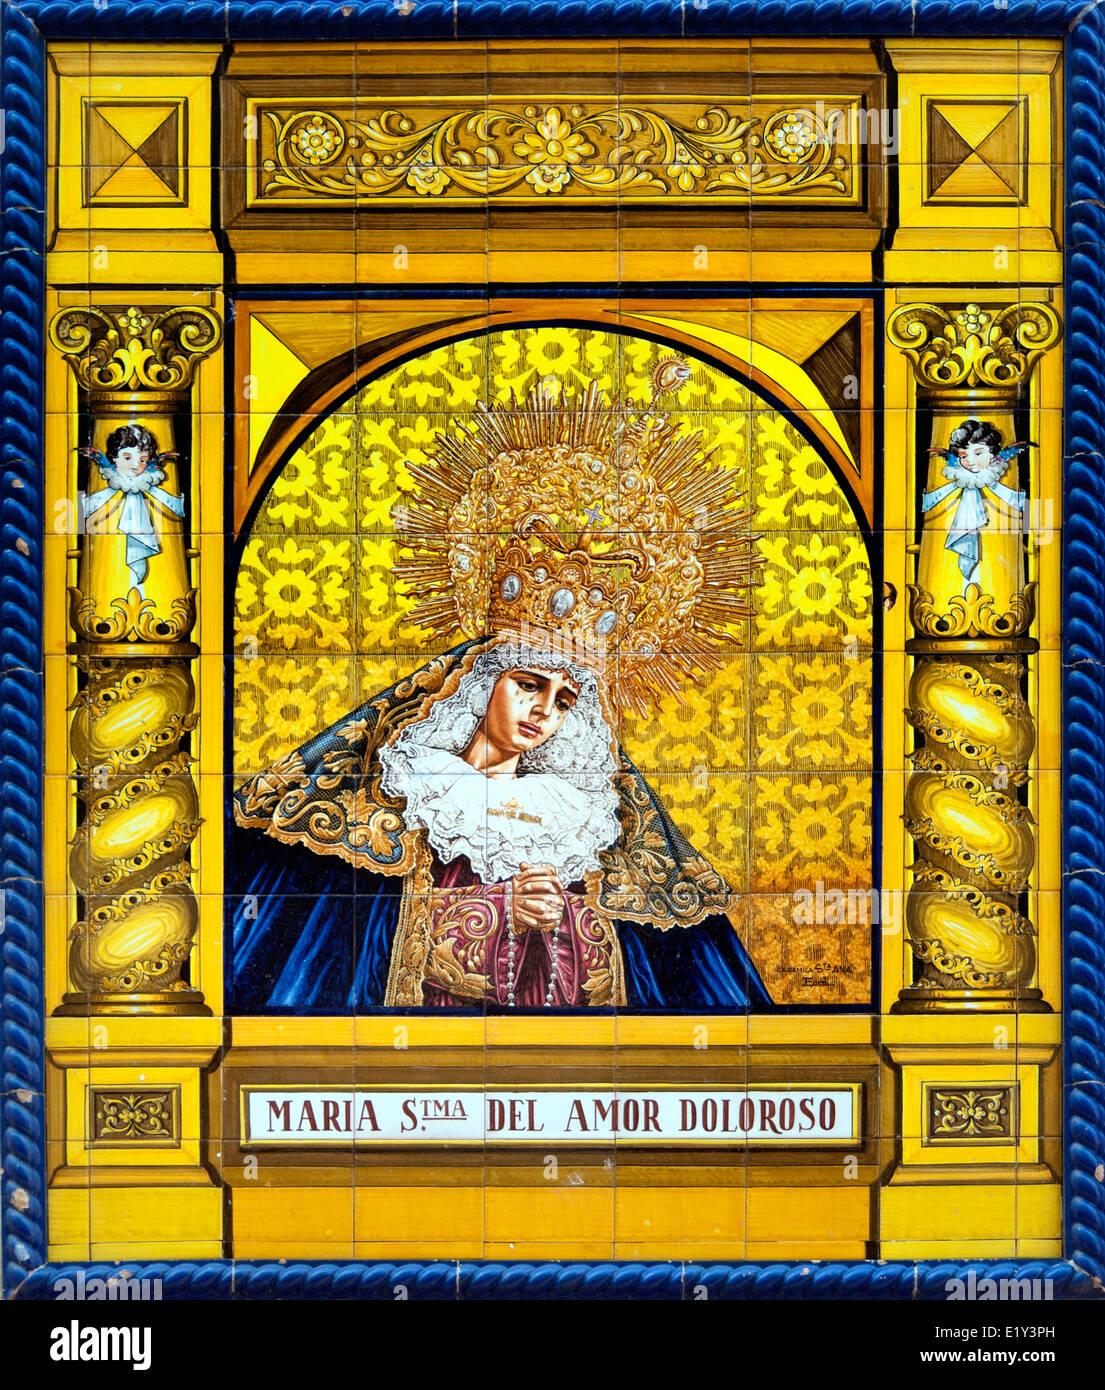 María Stma Del Amor doloroso - María Santísima del amor doloroso Malaga España cerámica Imagen De Stock